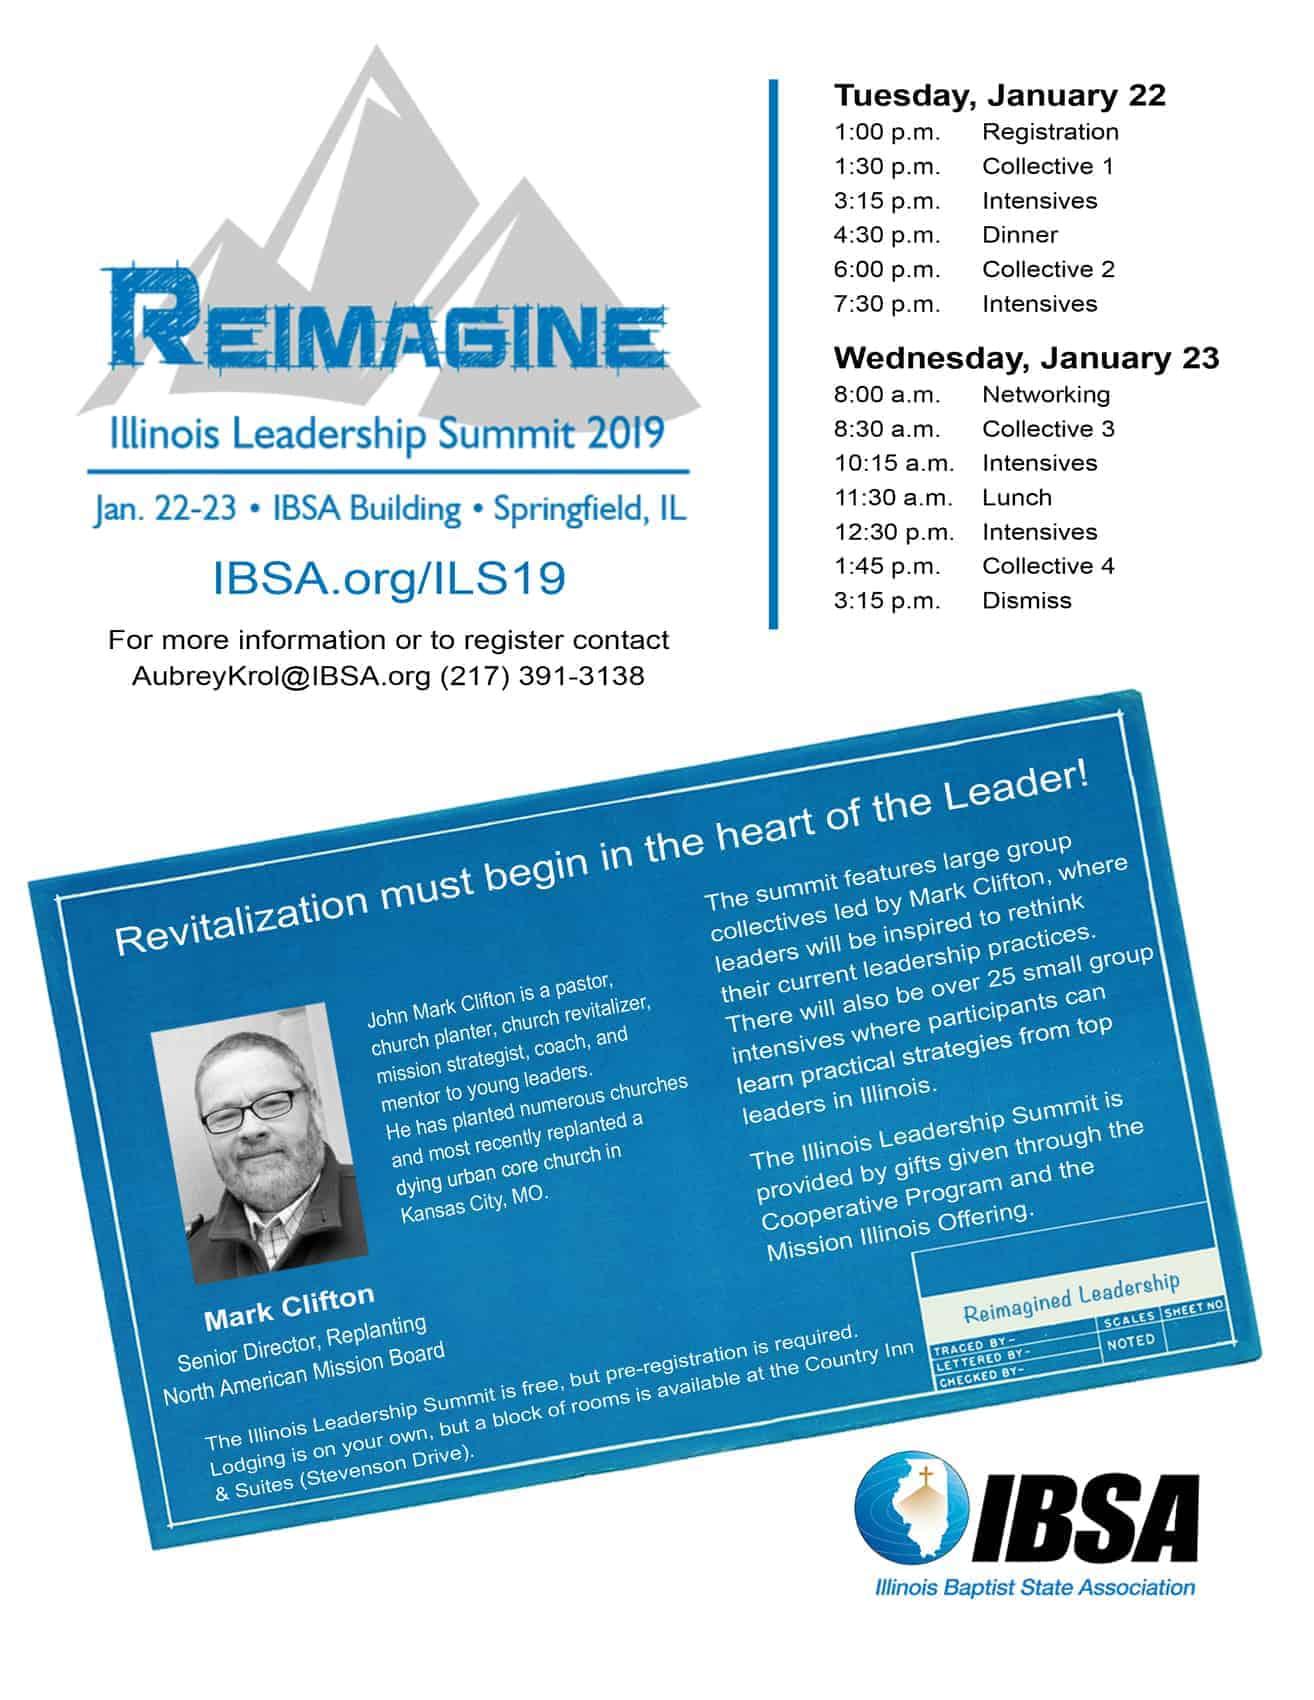 Illinois Leadership Summit 2019